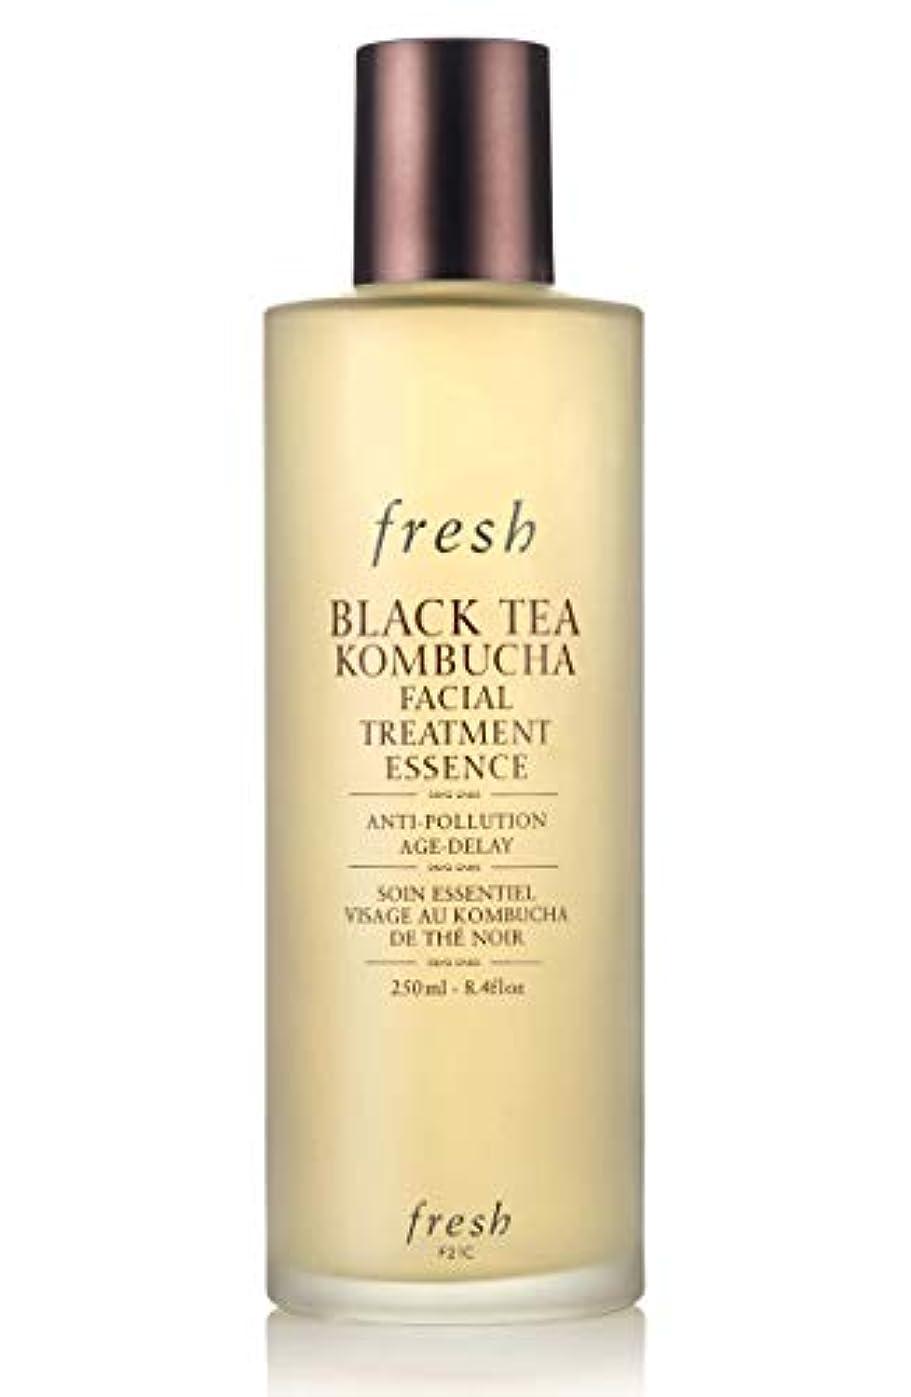 聴覚障害者と組むストライドフレッシュ Black Tea Kombucha Facial Treatment Essence 250ml/8.4oz並行輸入品